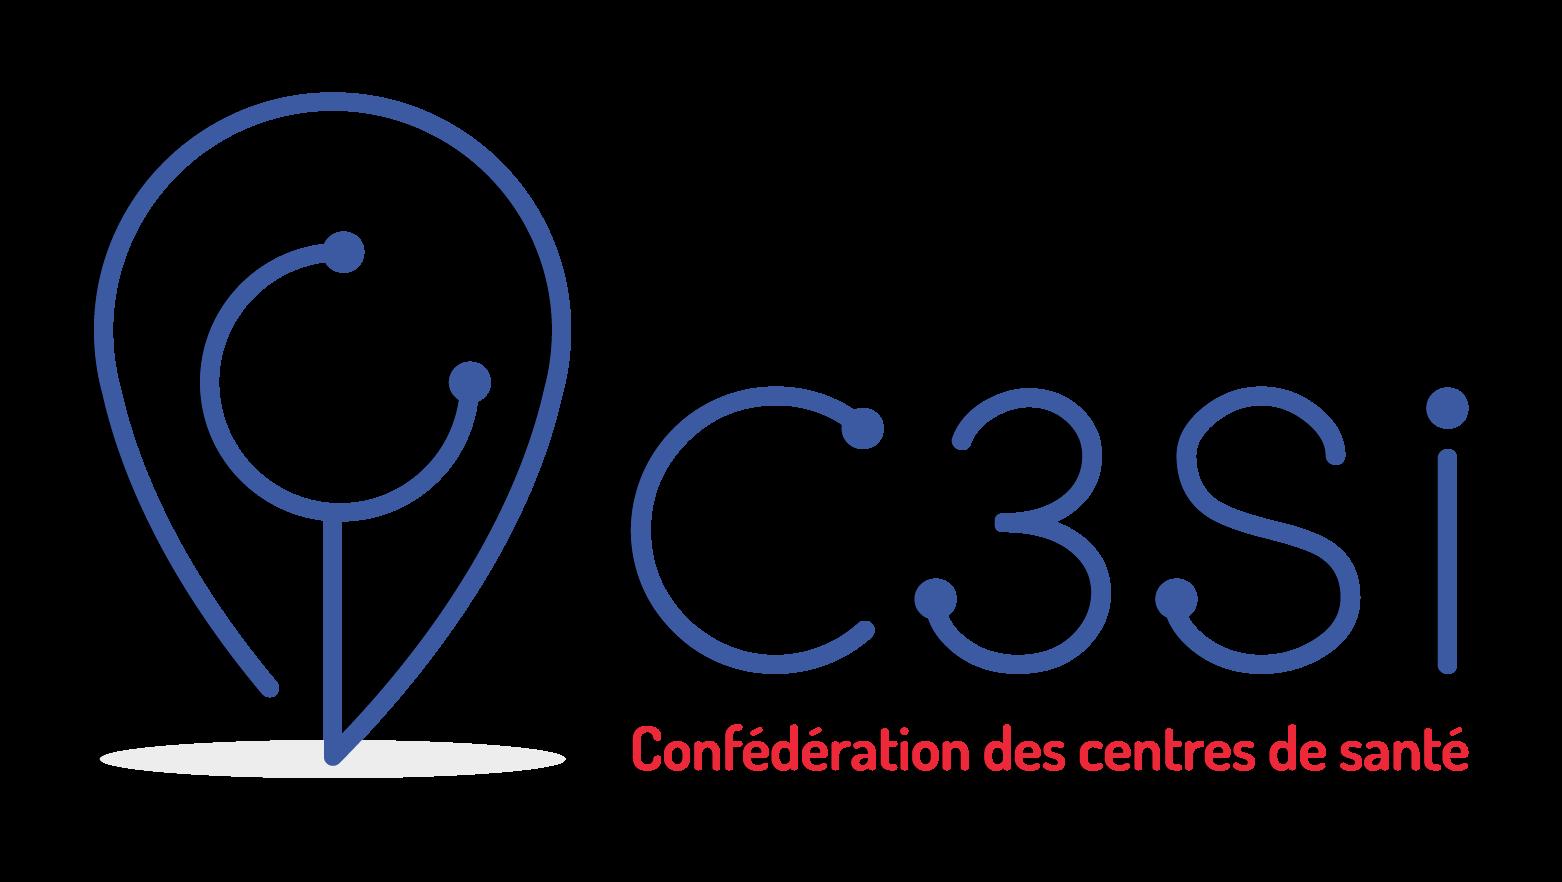 C3SI – Confédération des centres de santé